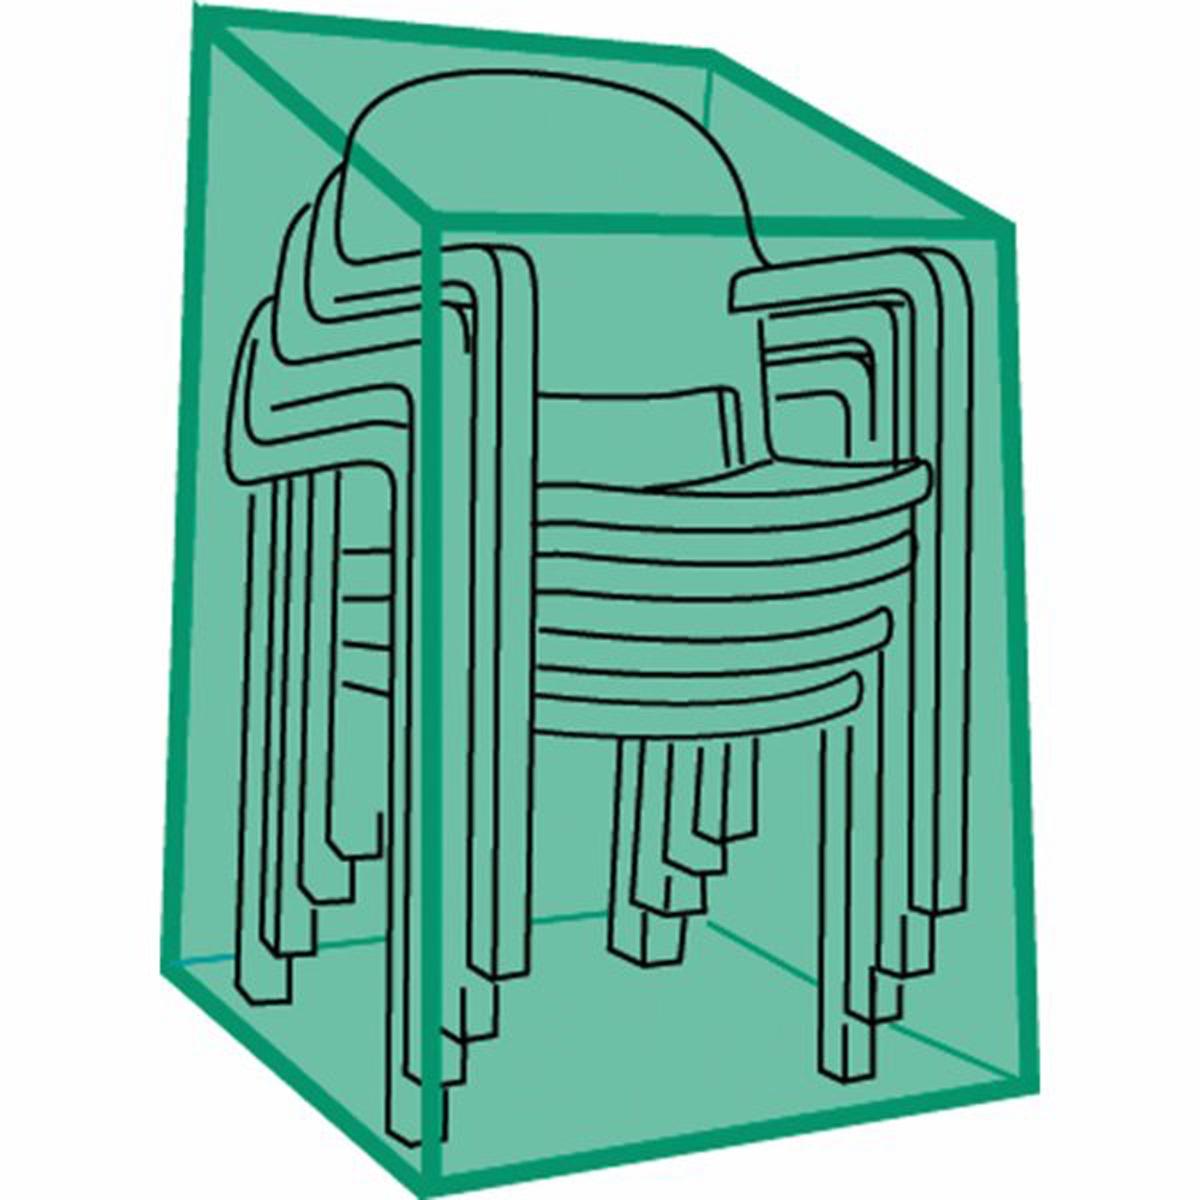 Чехол специальный для стульев и кресел от La Redoute